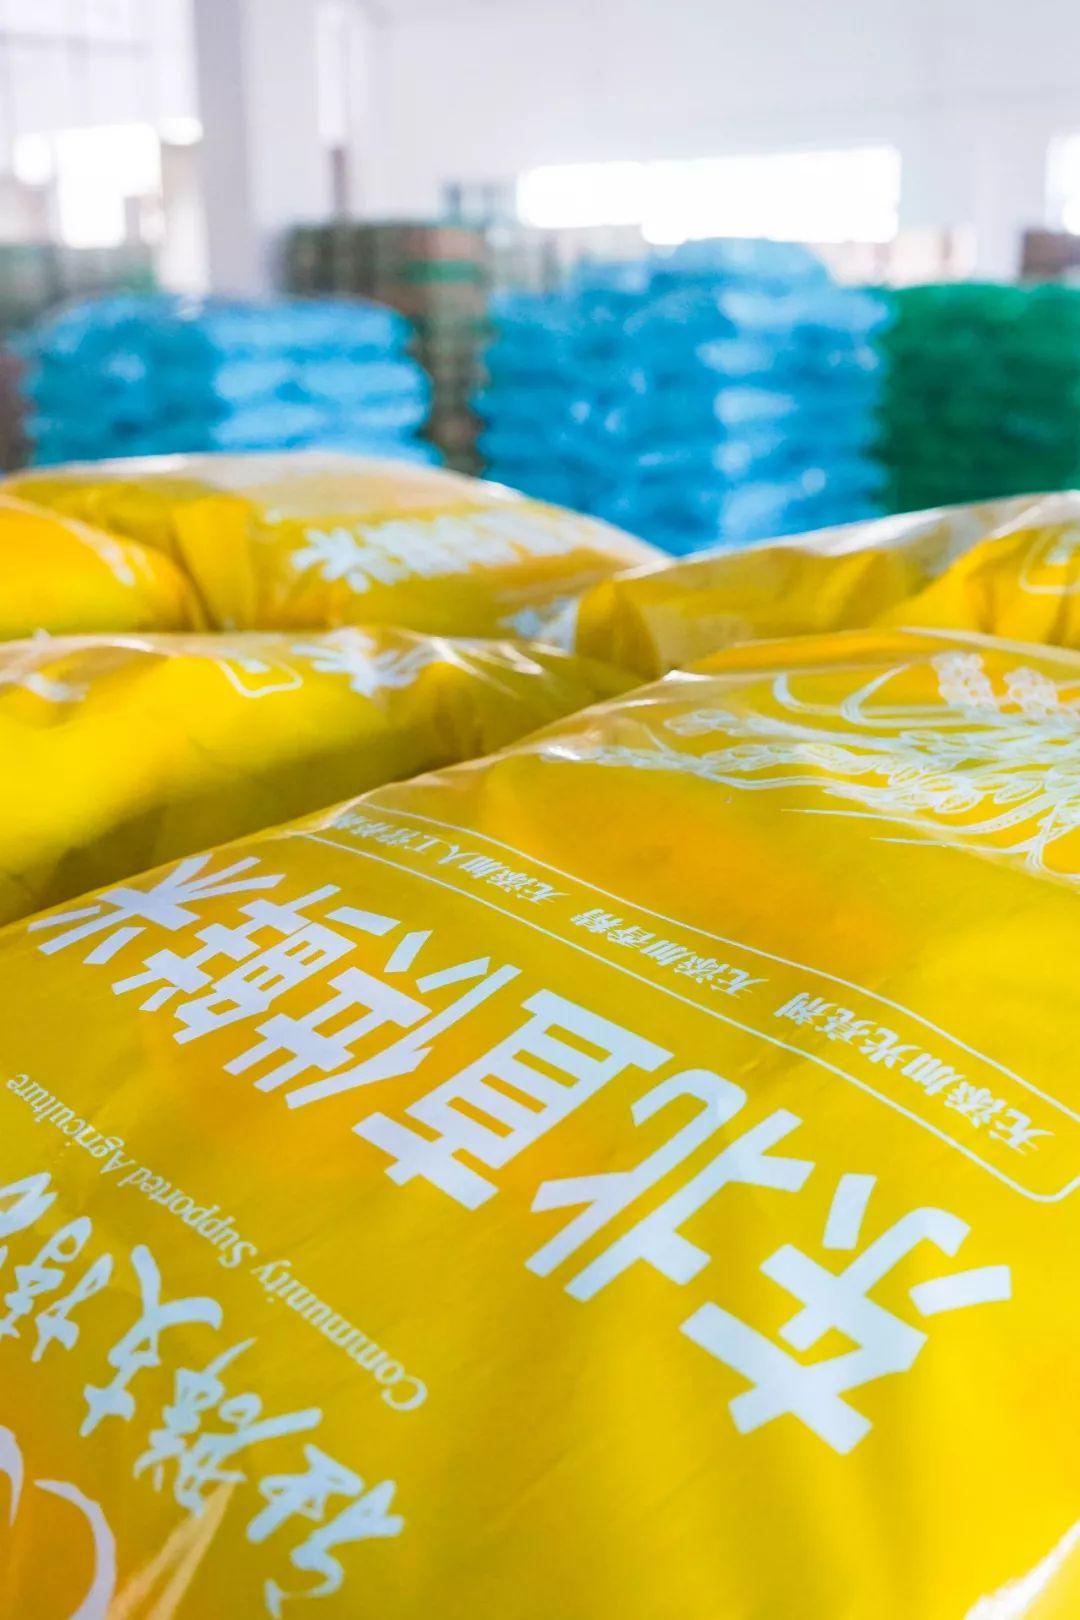 传稻物流为食安护航,开启第三方农产品电商物流新征程!